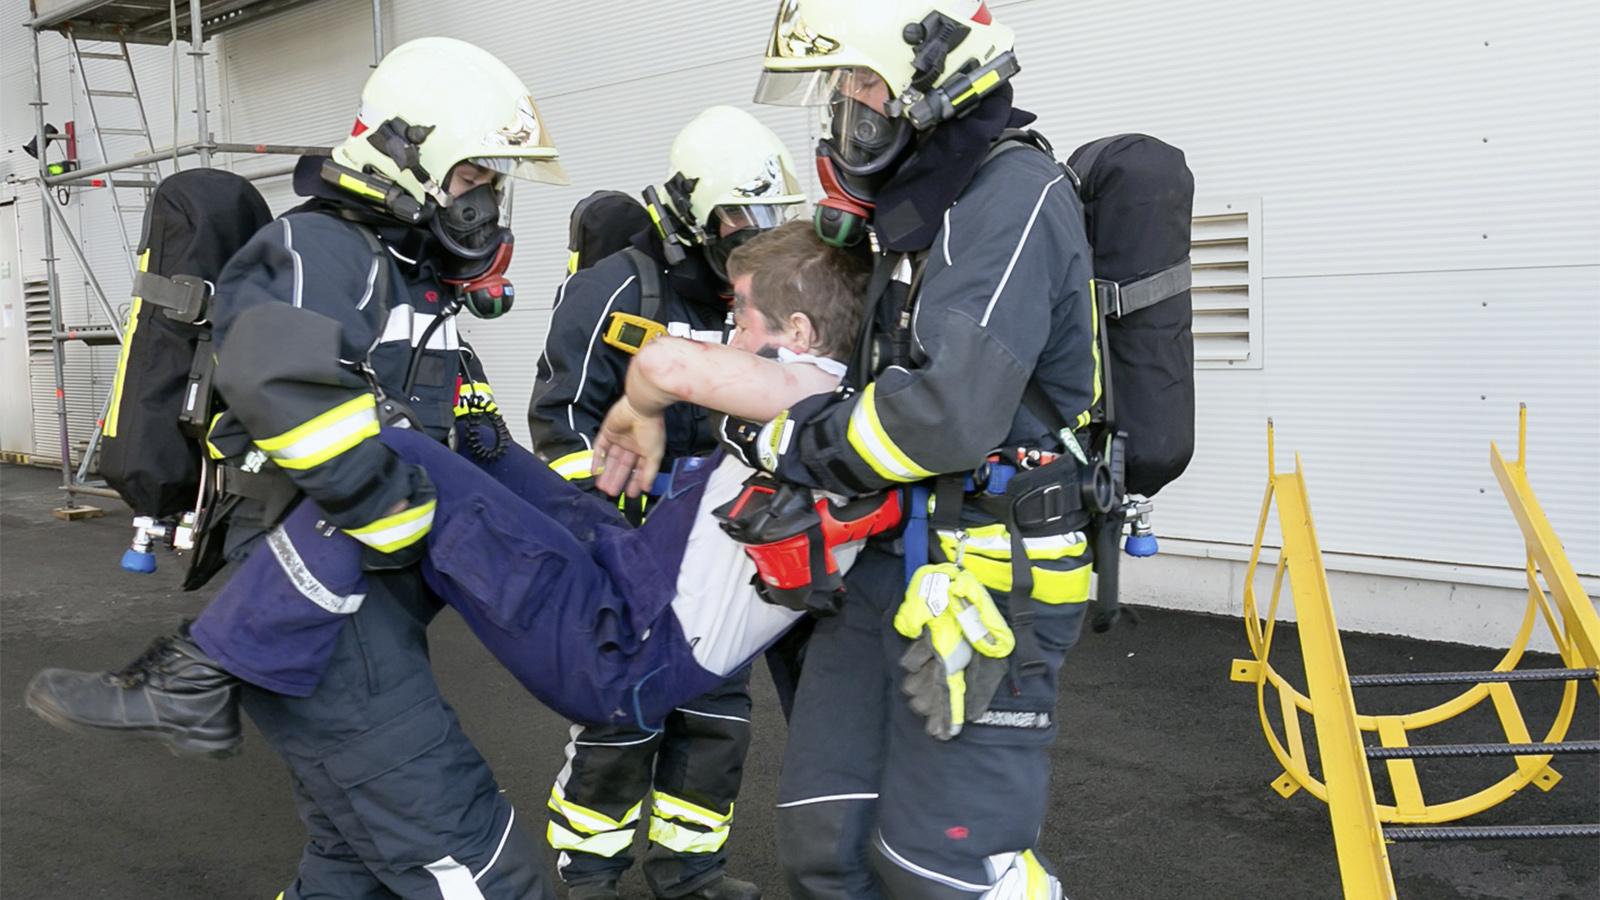 Feuerwehrleute bergen einen Verletzten